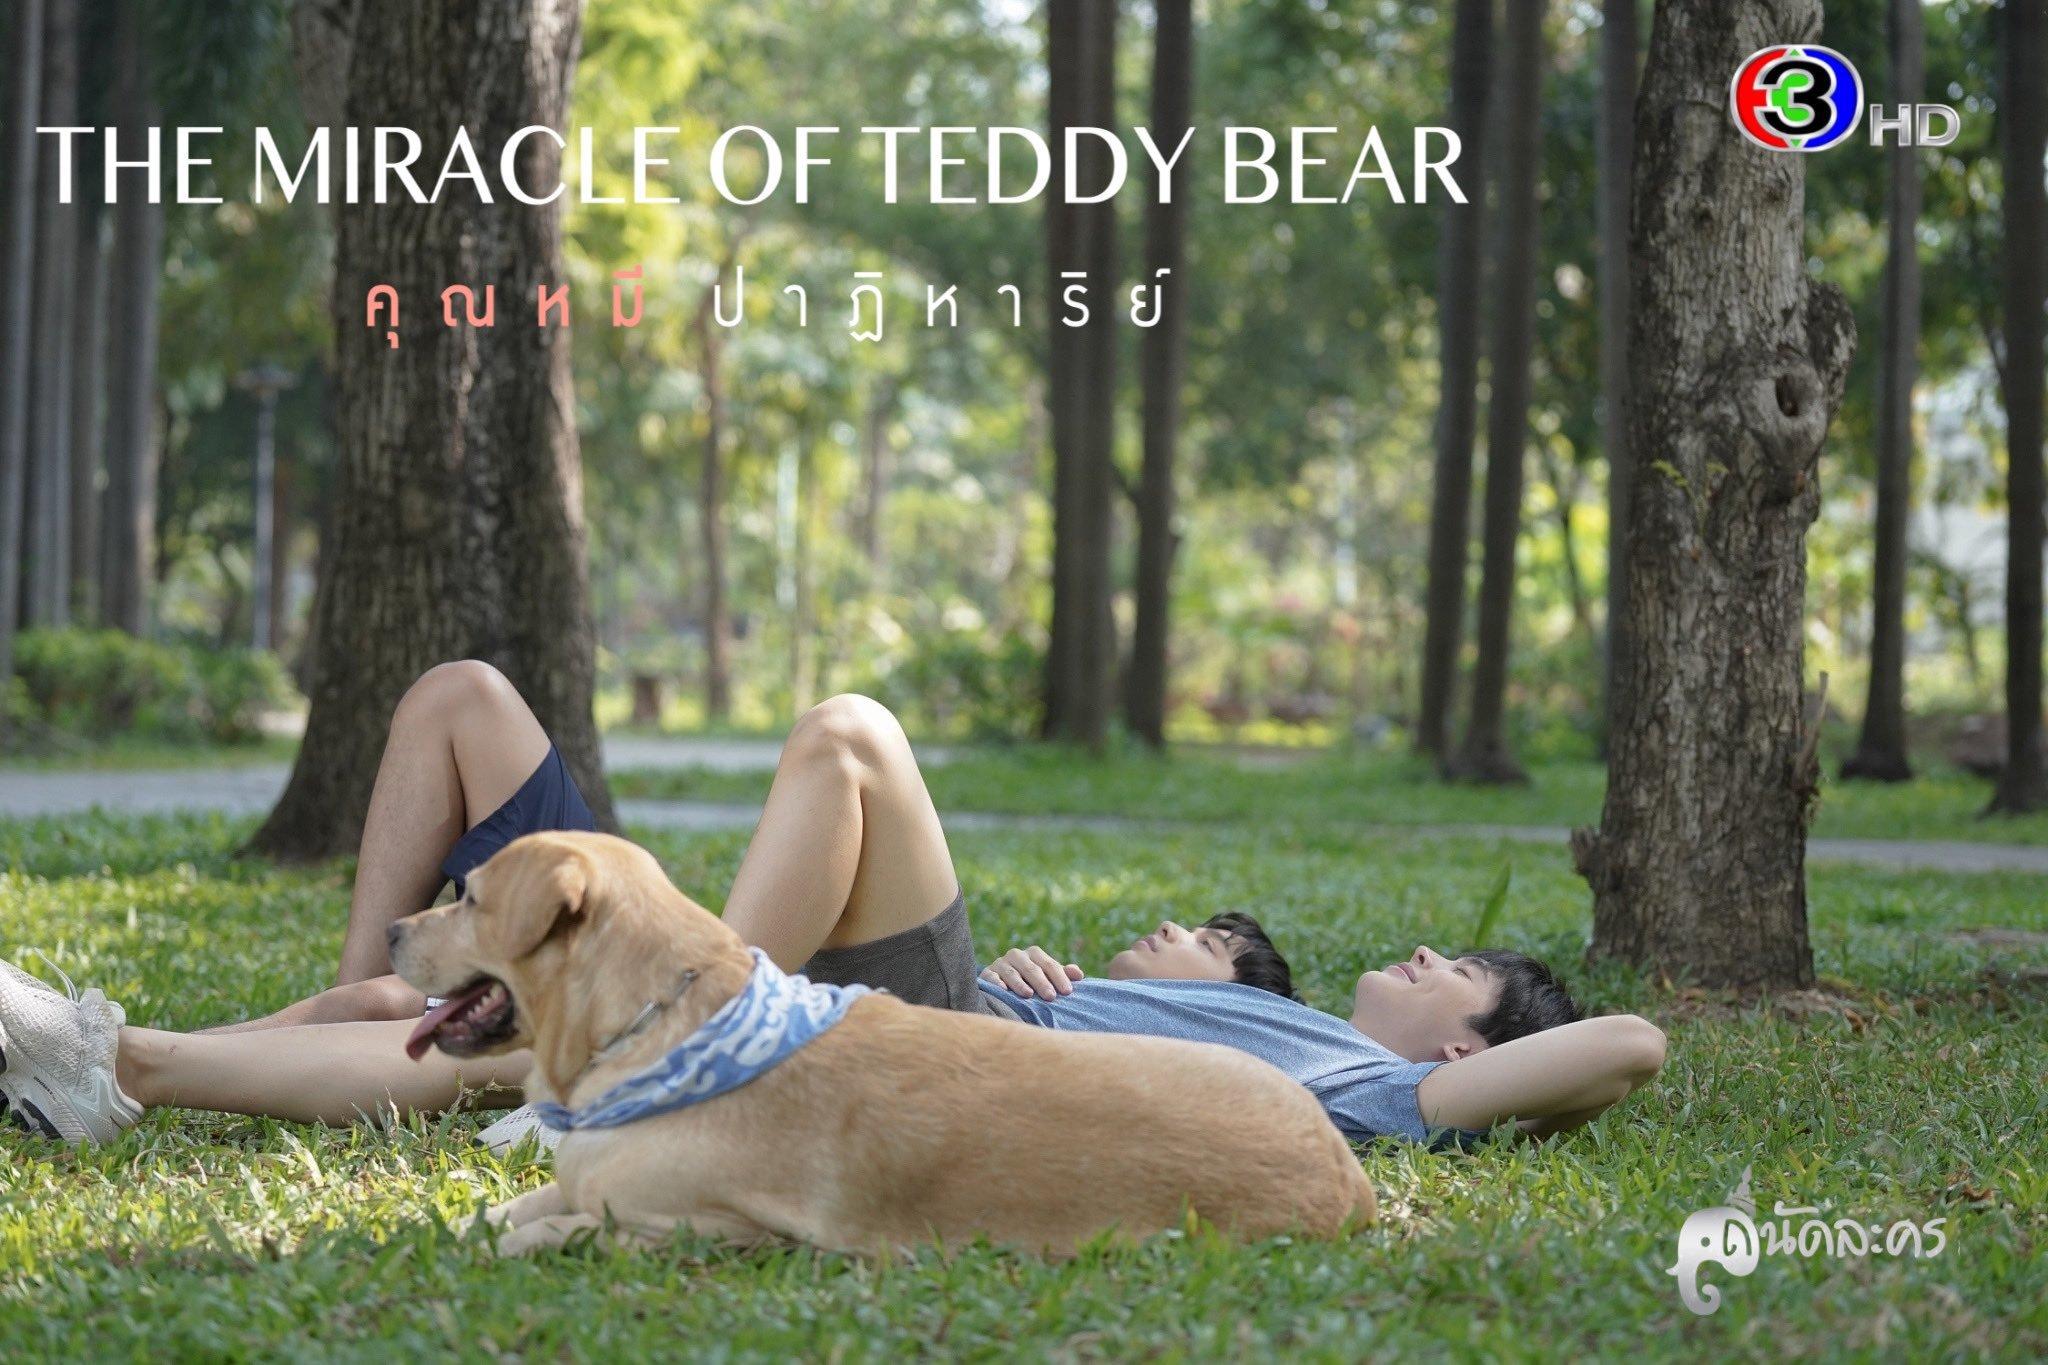 《奇迹熊先生》的剧照10